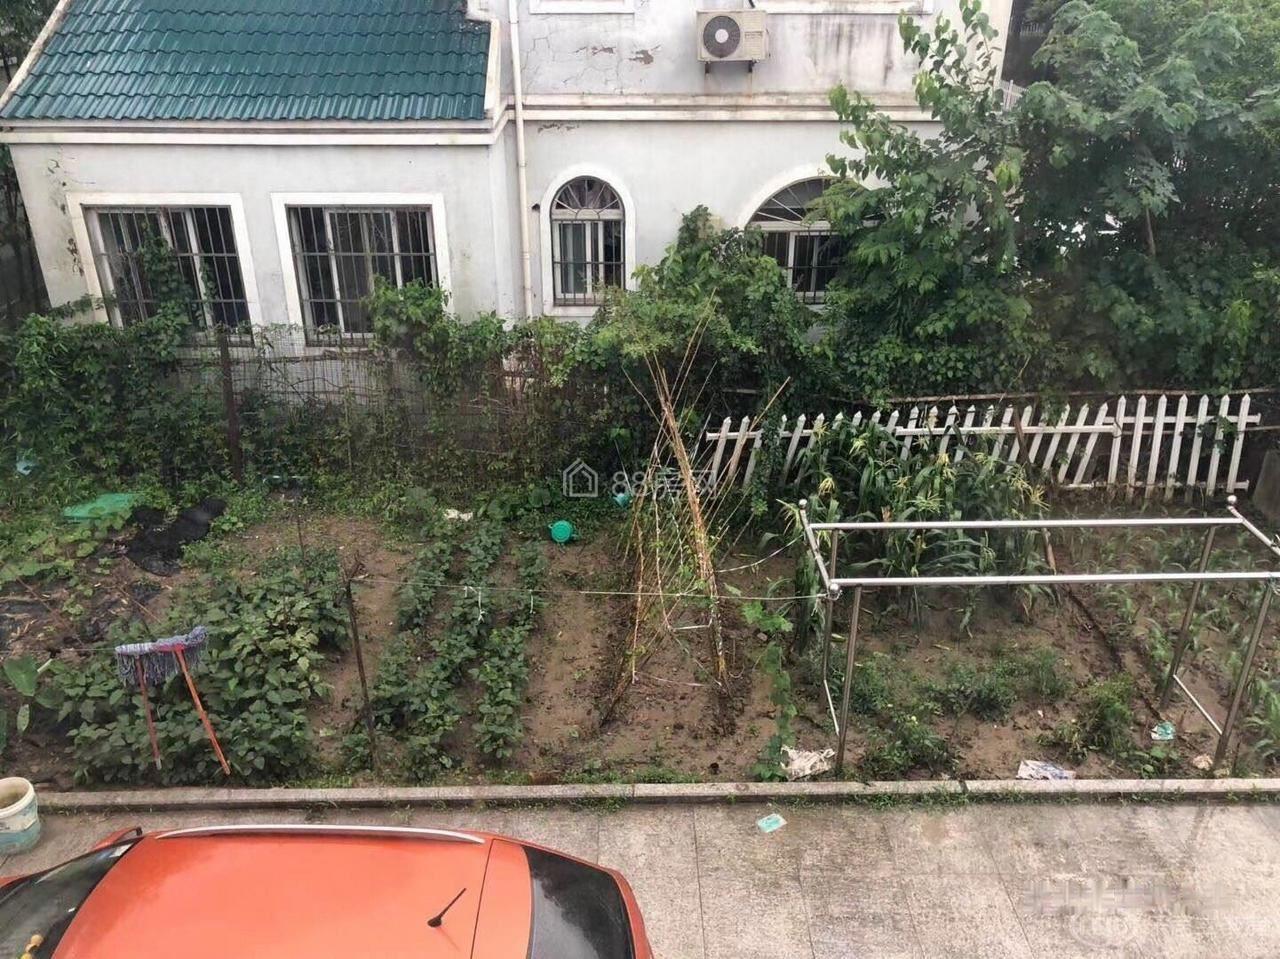 嘉定新城翔方公路独栋别墅整租,合适办公居住房间大气